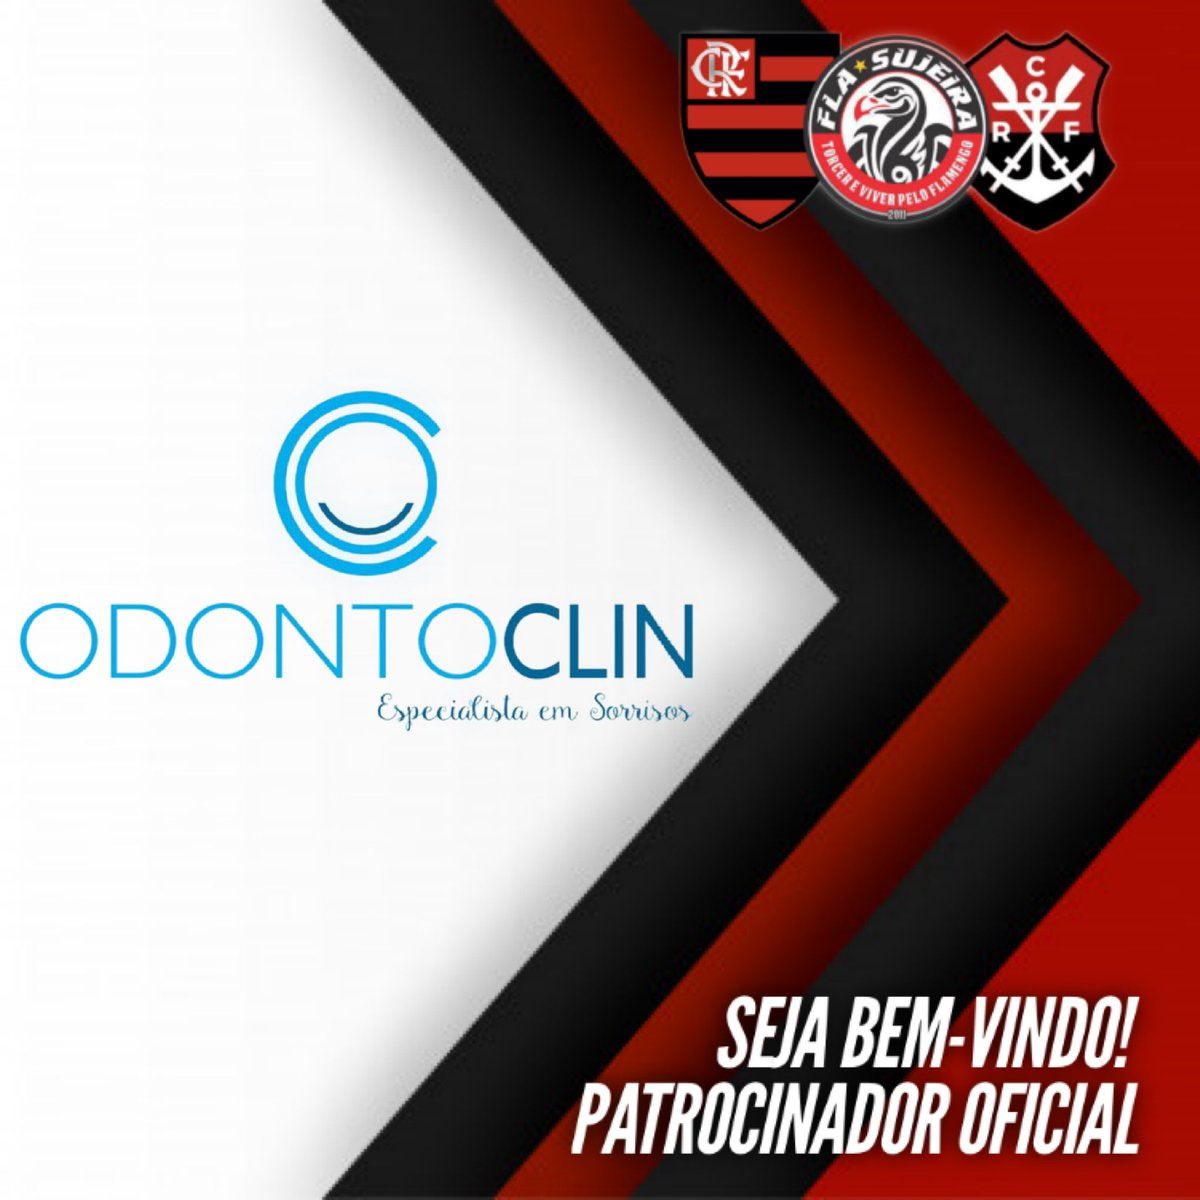 A OdontoClin de Parnaiba-PI é a nova patrocinadora oficial da FLASujeira. Vai estampar a sua marca em nosso uniforme de futebol. Obrigado pela parceria e que seja duradoura!  Sigam: @odontoclinphb no Instagram. pic.twitter.com/GpymOAc0OG